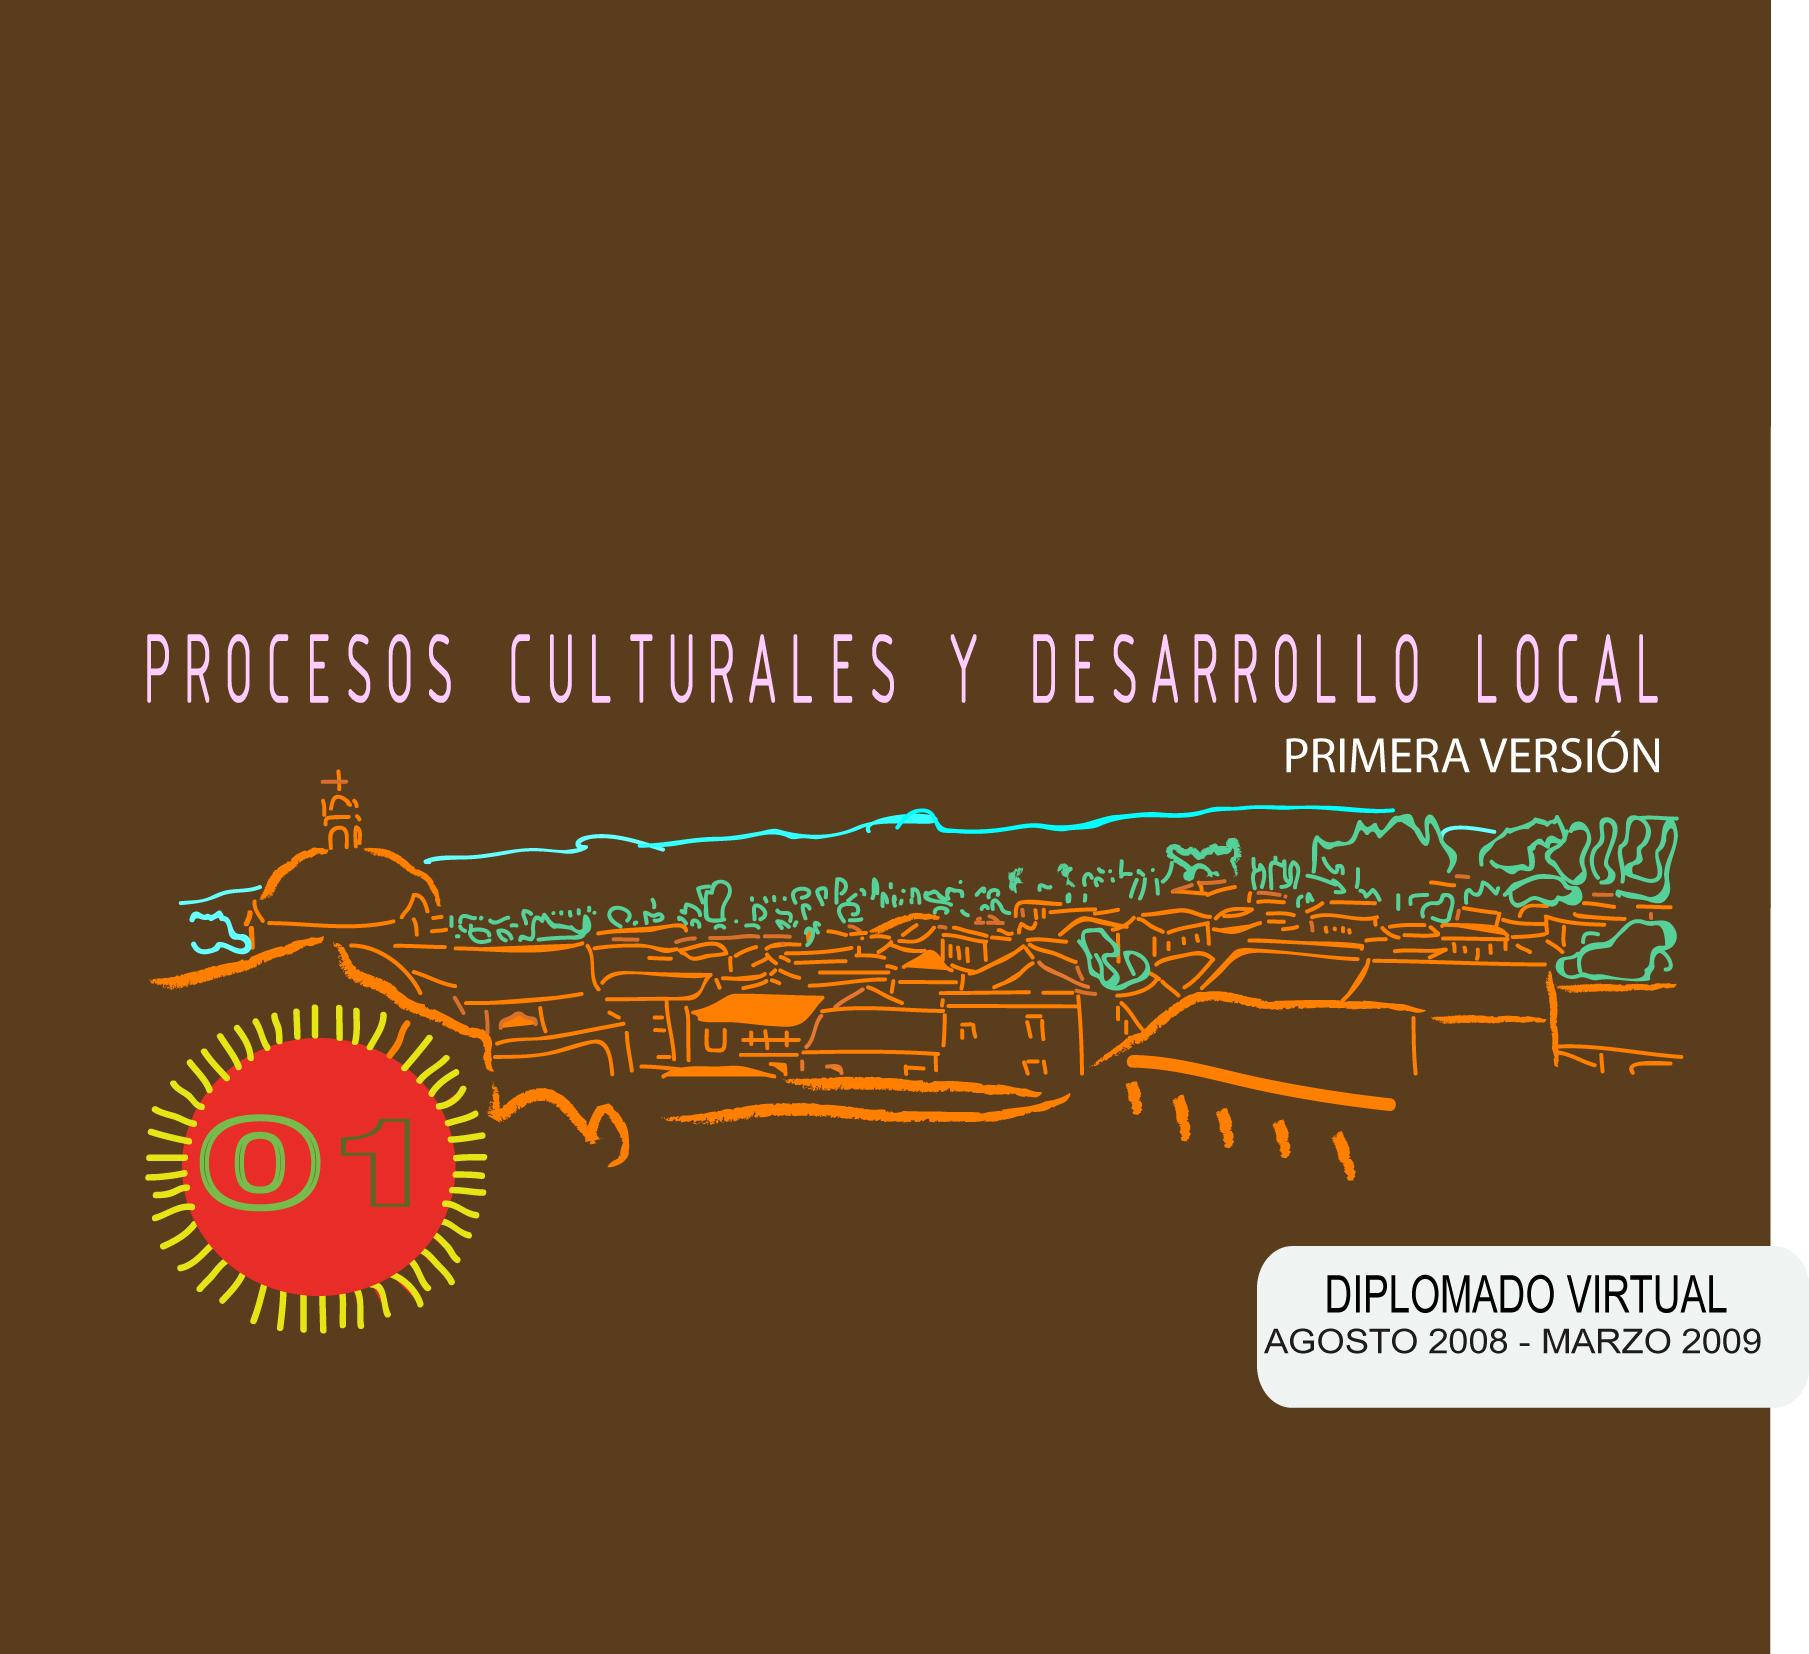 Diplomado Virtual Proceso Culturales y Desarrollo Local